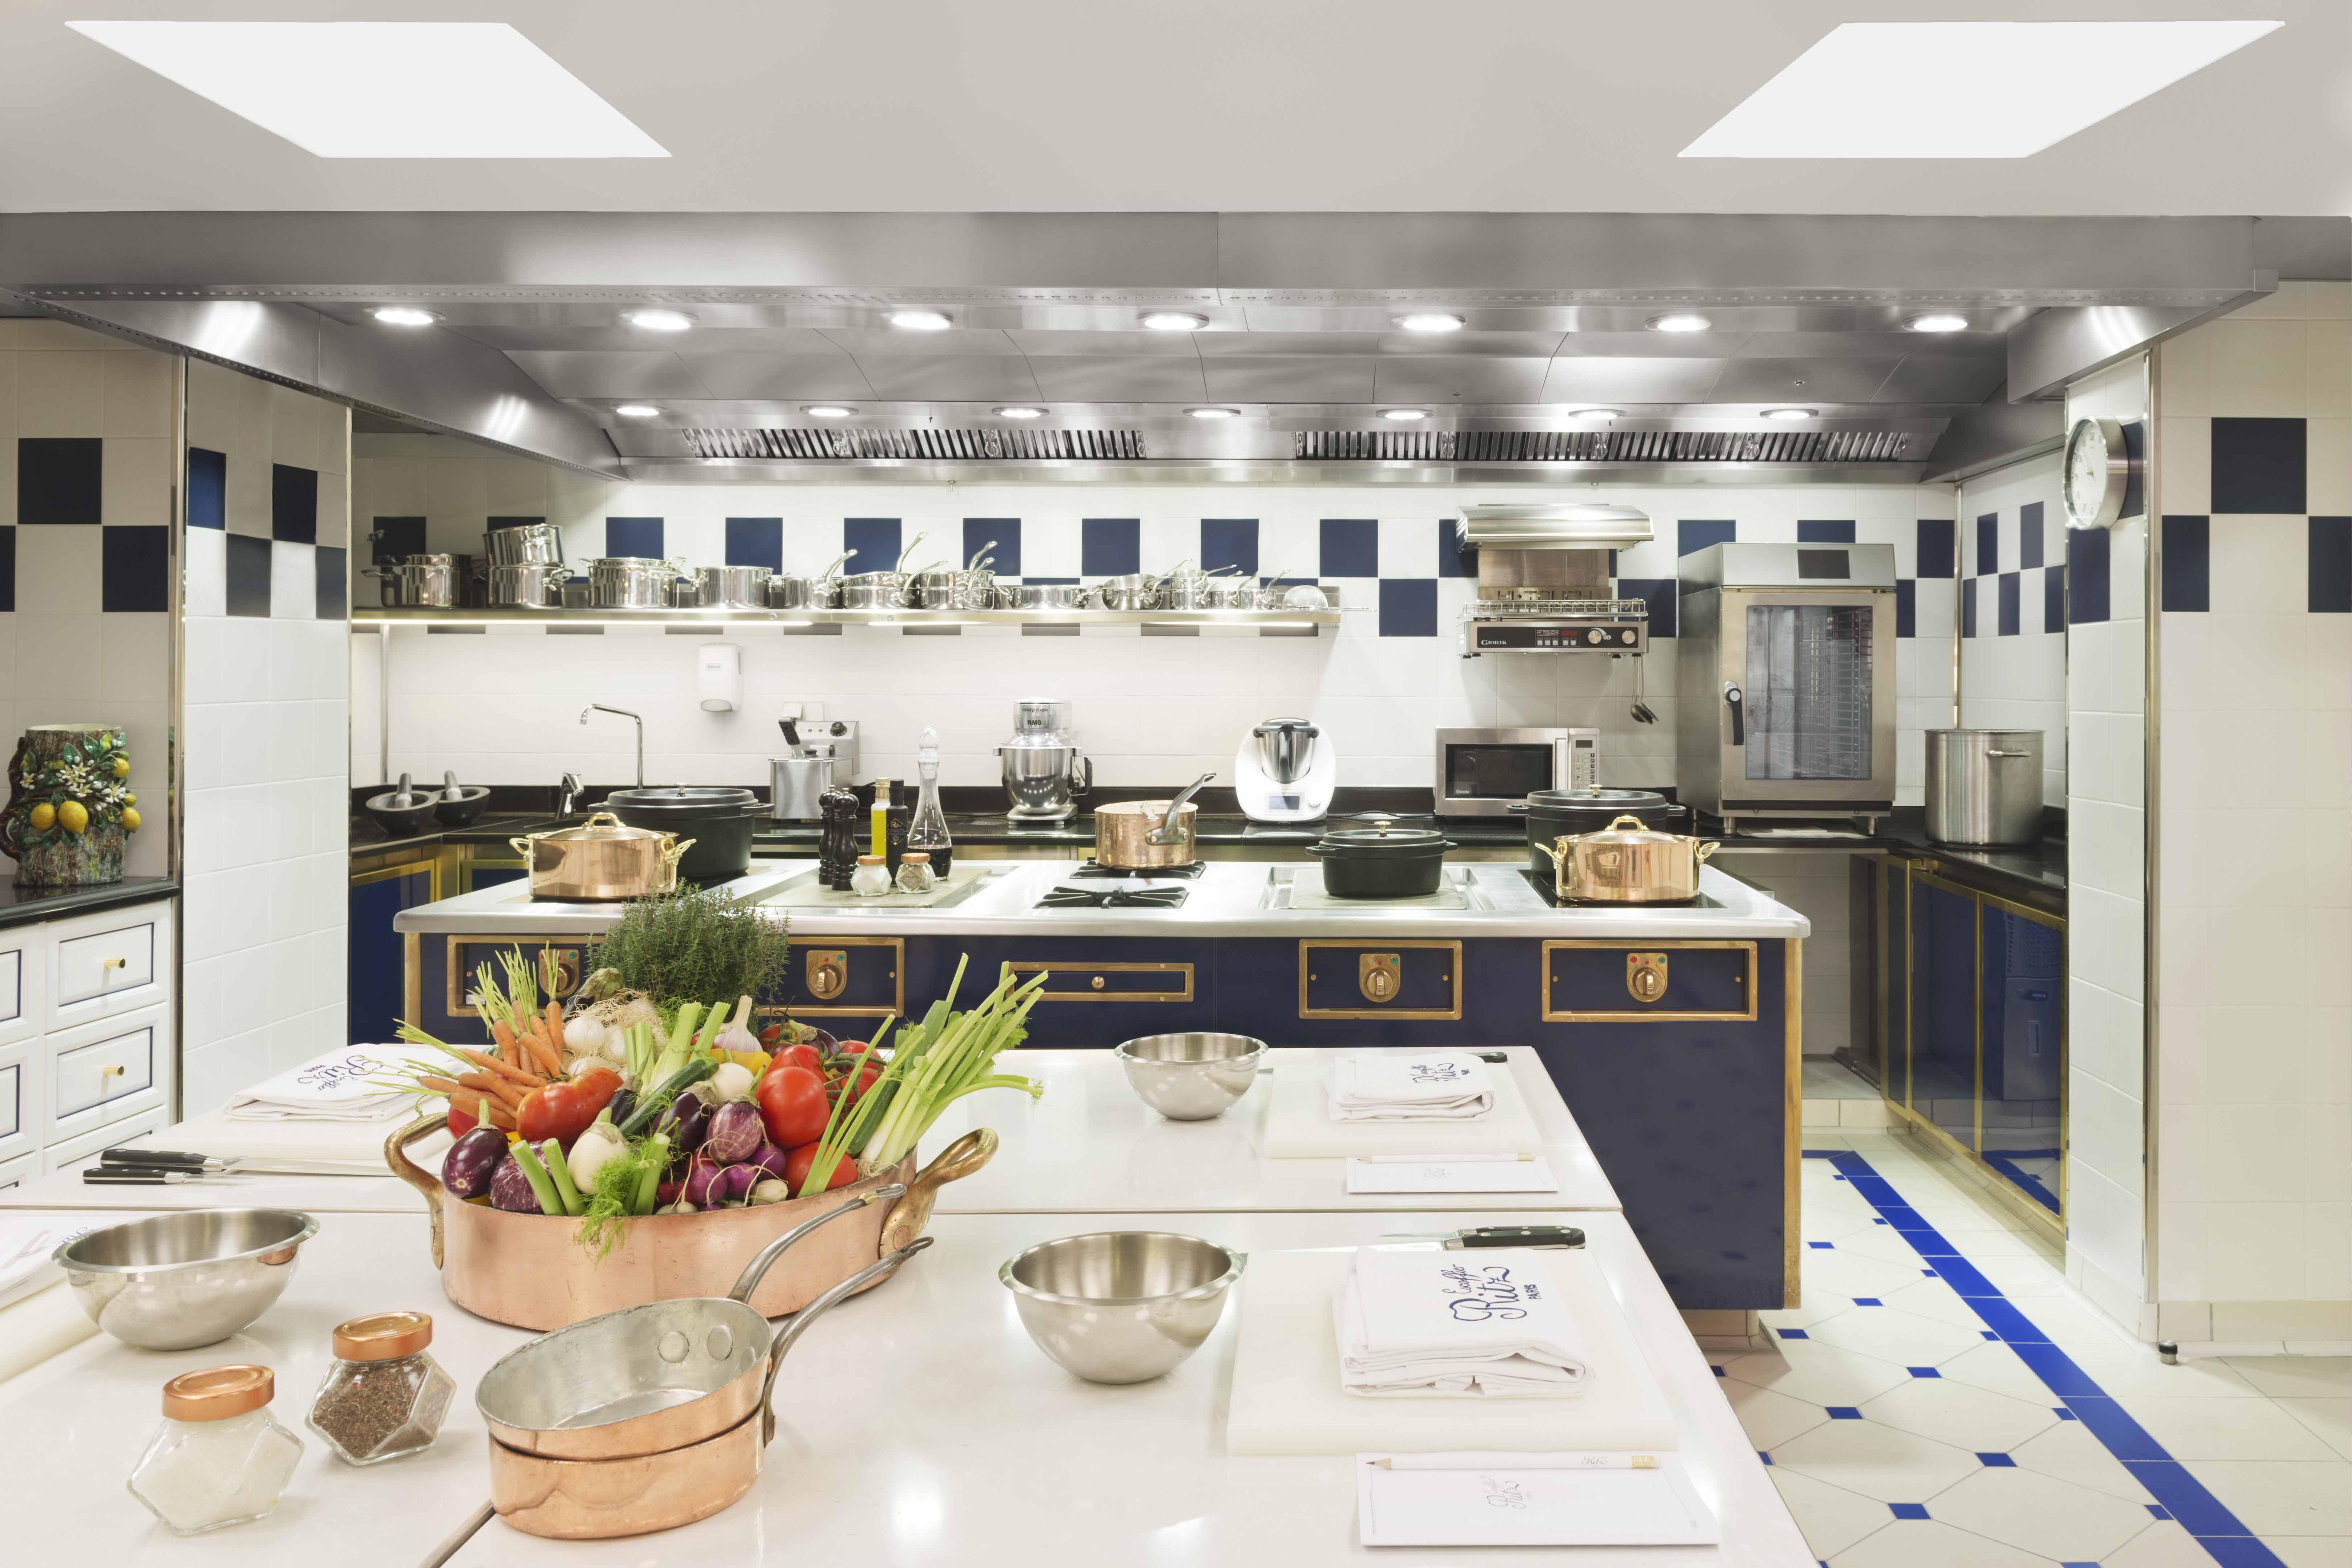 Leroy Merlin Béton Ciré Élégant Photographie Cuisine équipée Style Campagne Incroyable Inspirant Coffret De